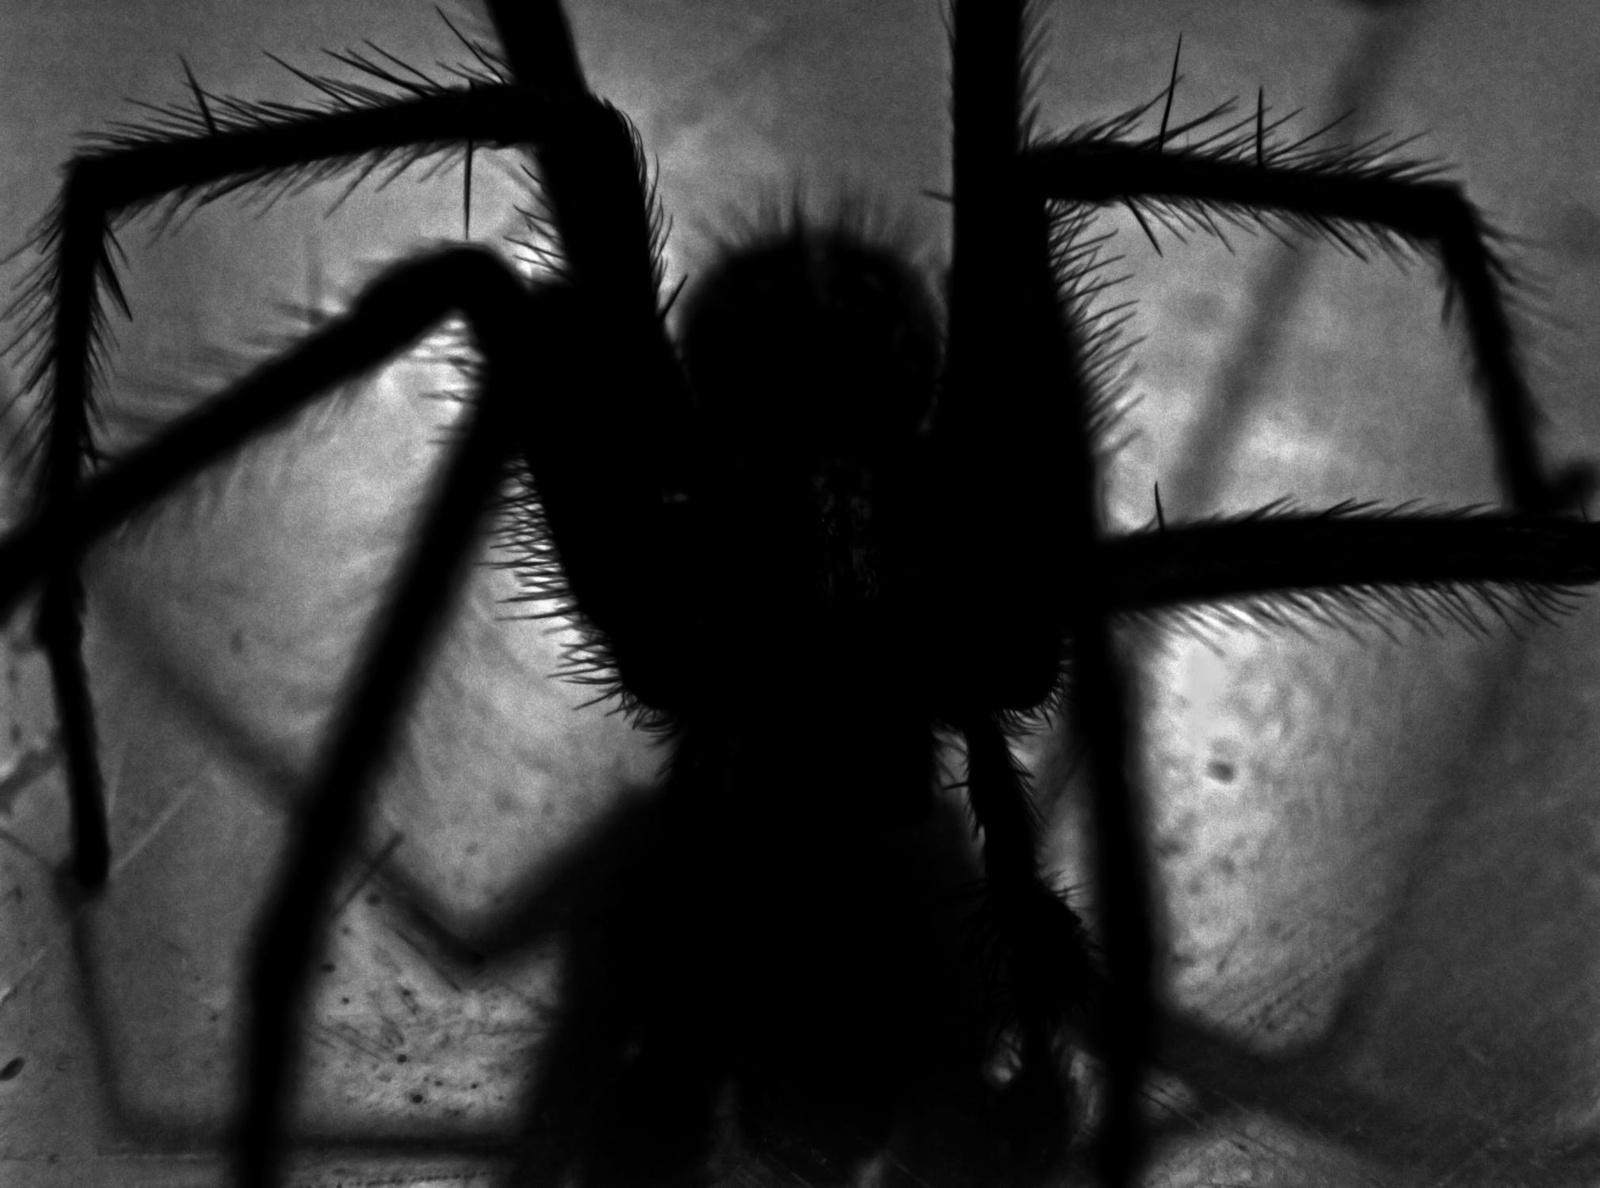 Dėl uraganų ir klimato kaitos vorai gali tapti gerokai agresyvesni